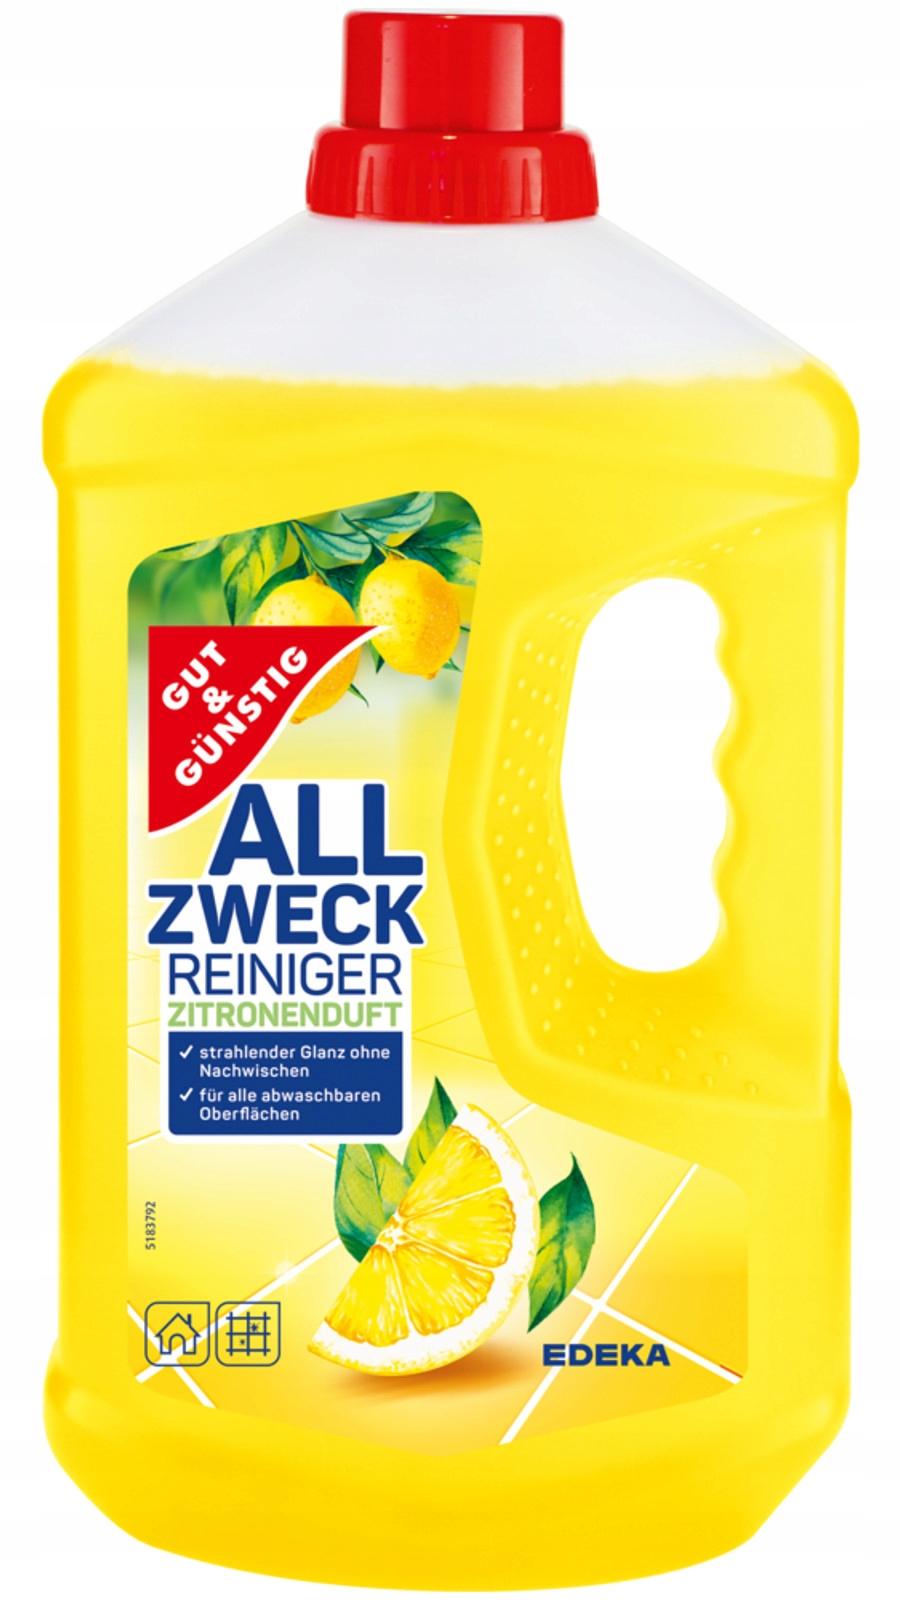 G G Zitronen Лимонная жидкость для пола, 1 л DE